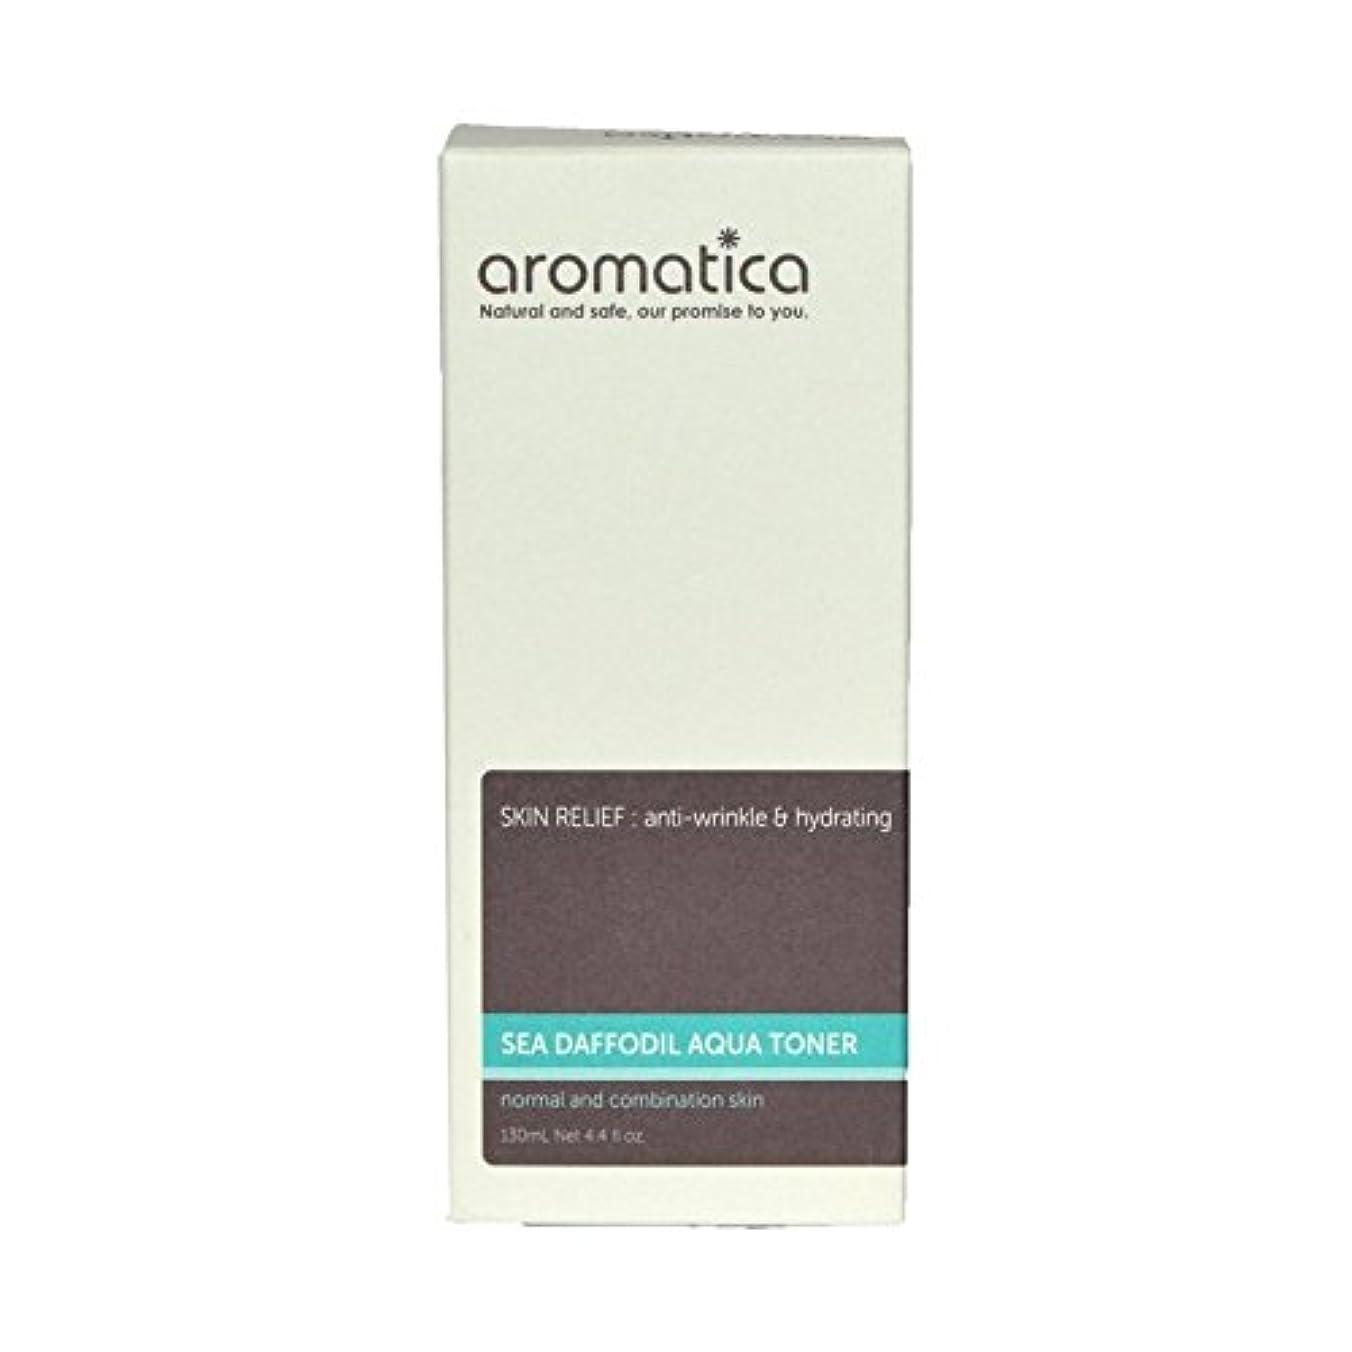 のど幹来て海スイセンアクアトナー130ミリリットル x2 - aromatica Sea Daffodil Aqua Toner 130ml (Pack of 2) [並行輸入品]